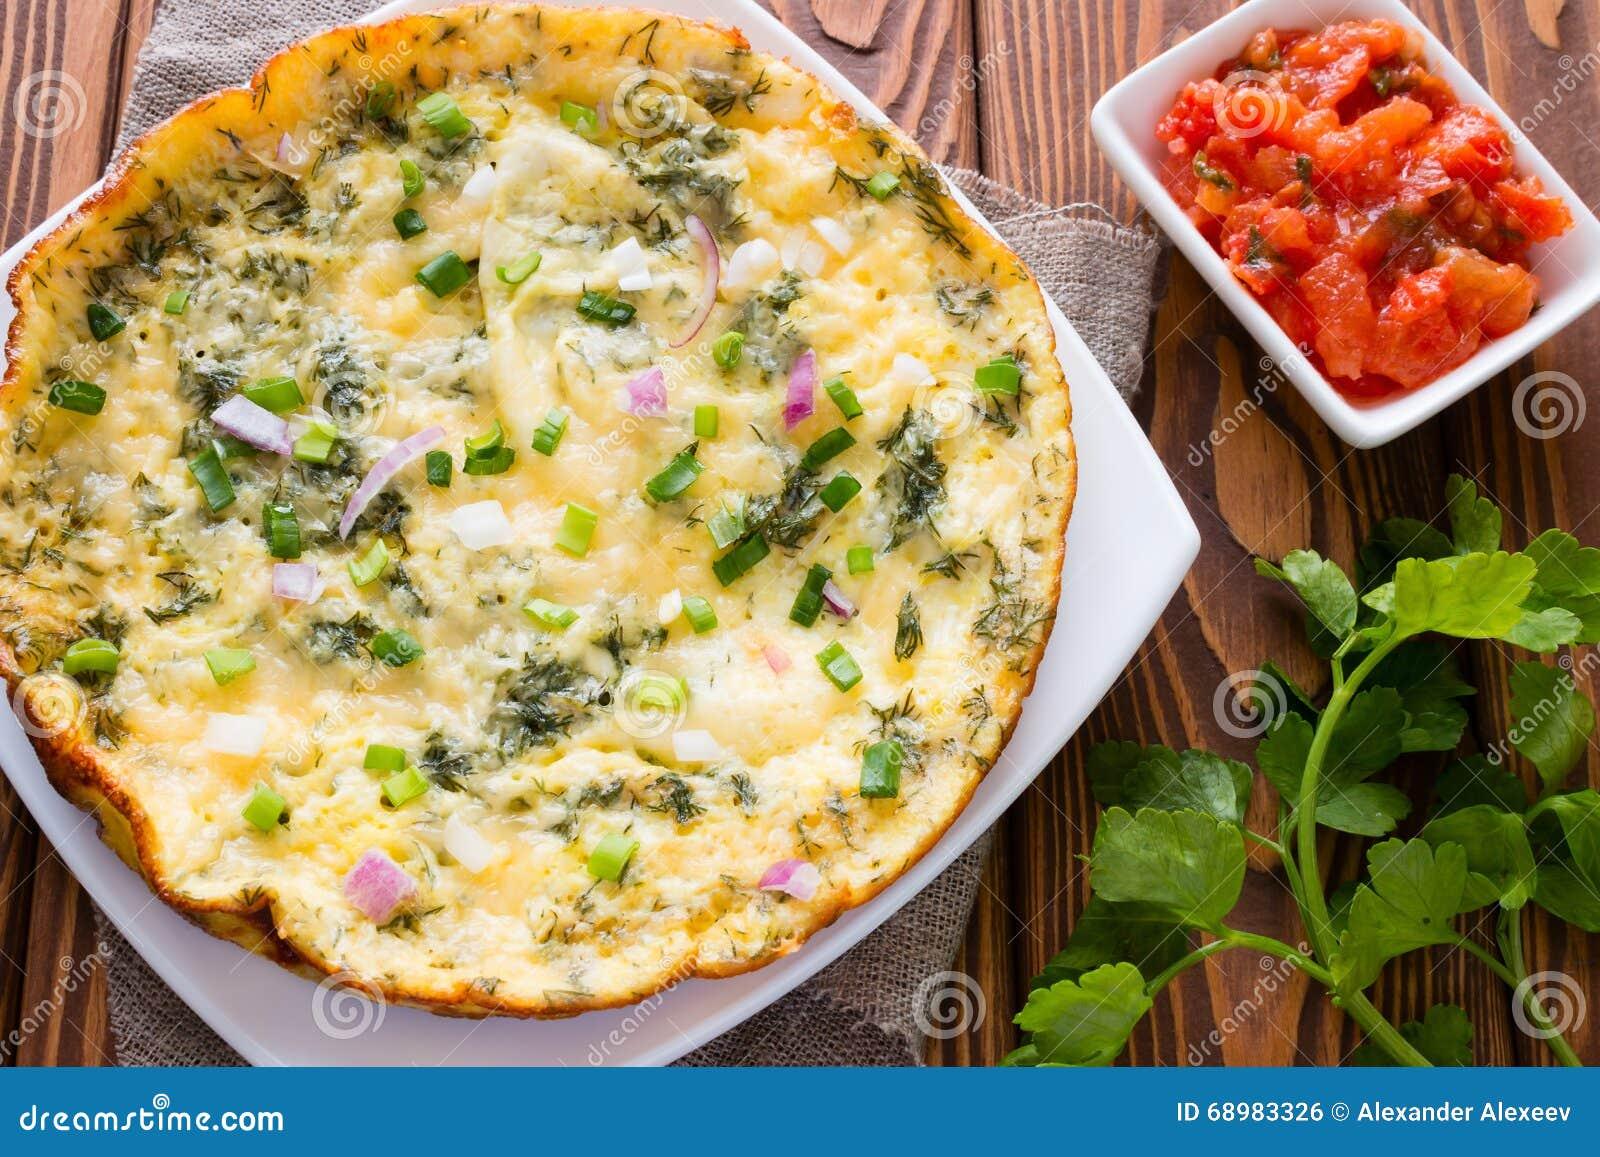 Tortilla, perejil y tomates guisados con hinojo